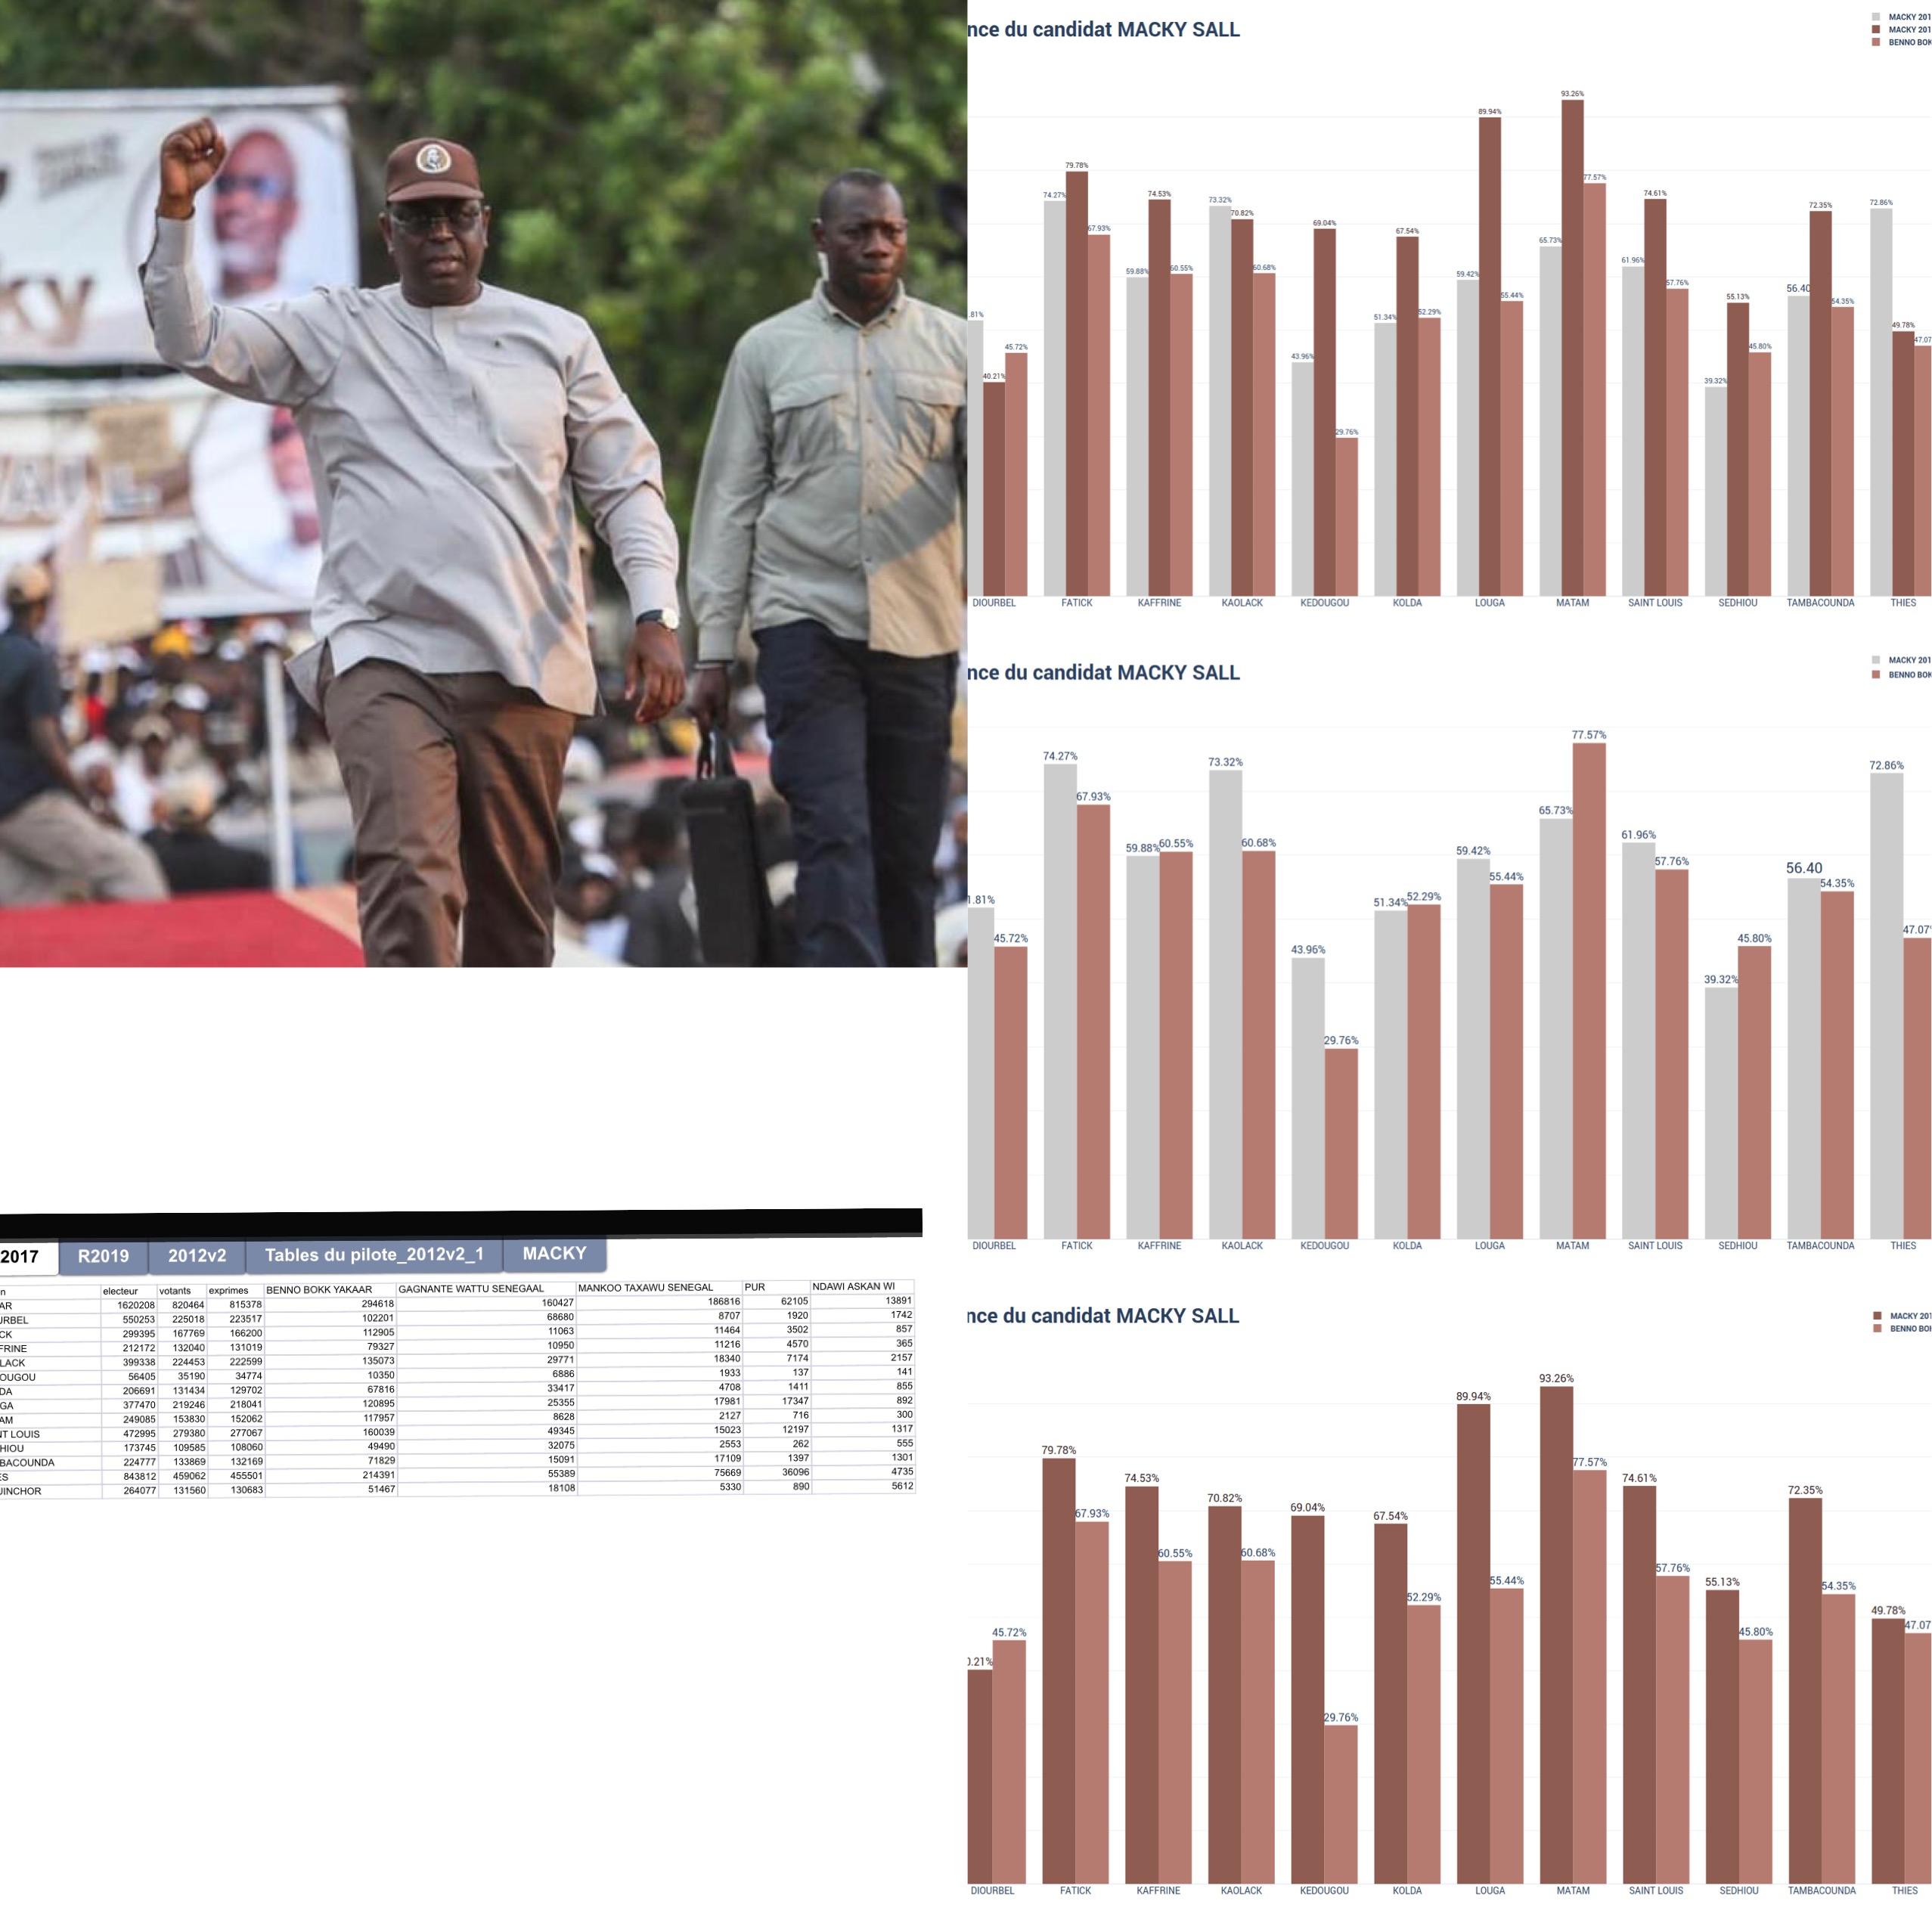 Réélu dès le premier tour avec 58,27% : Comment Macky Sall a remonté la pente entre 2017 et 2019